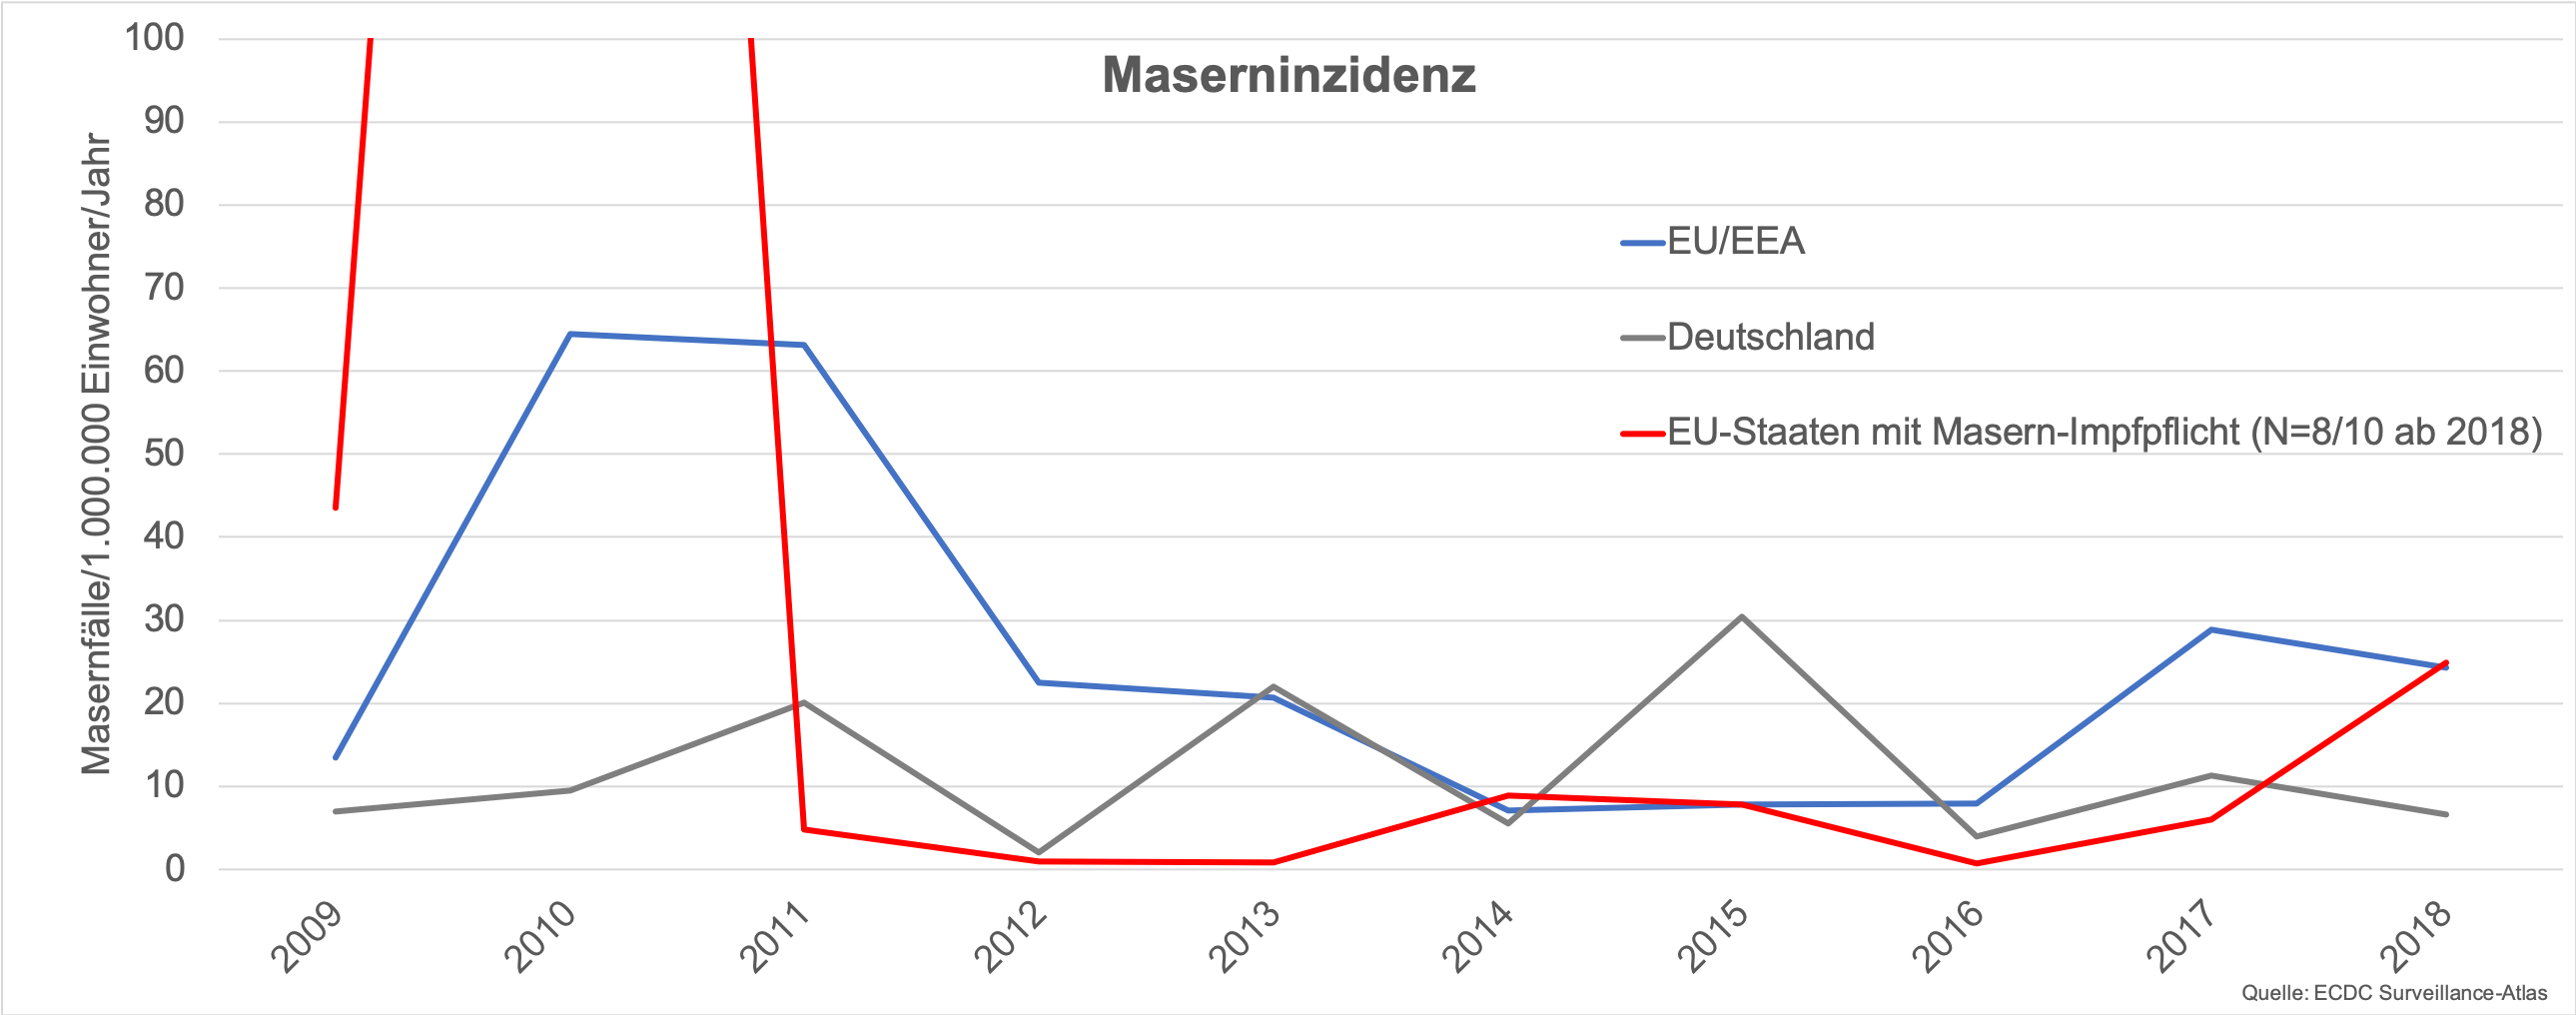 Maserninzidenz EU und D 2009 18